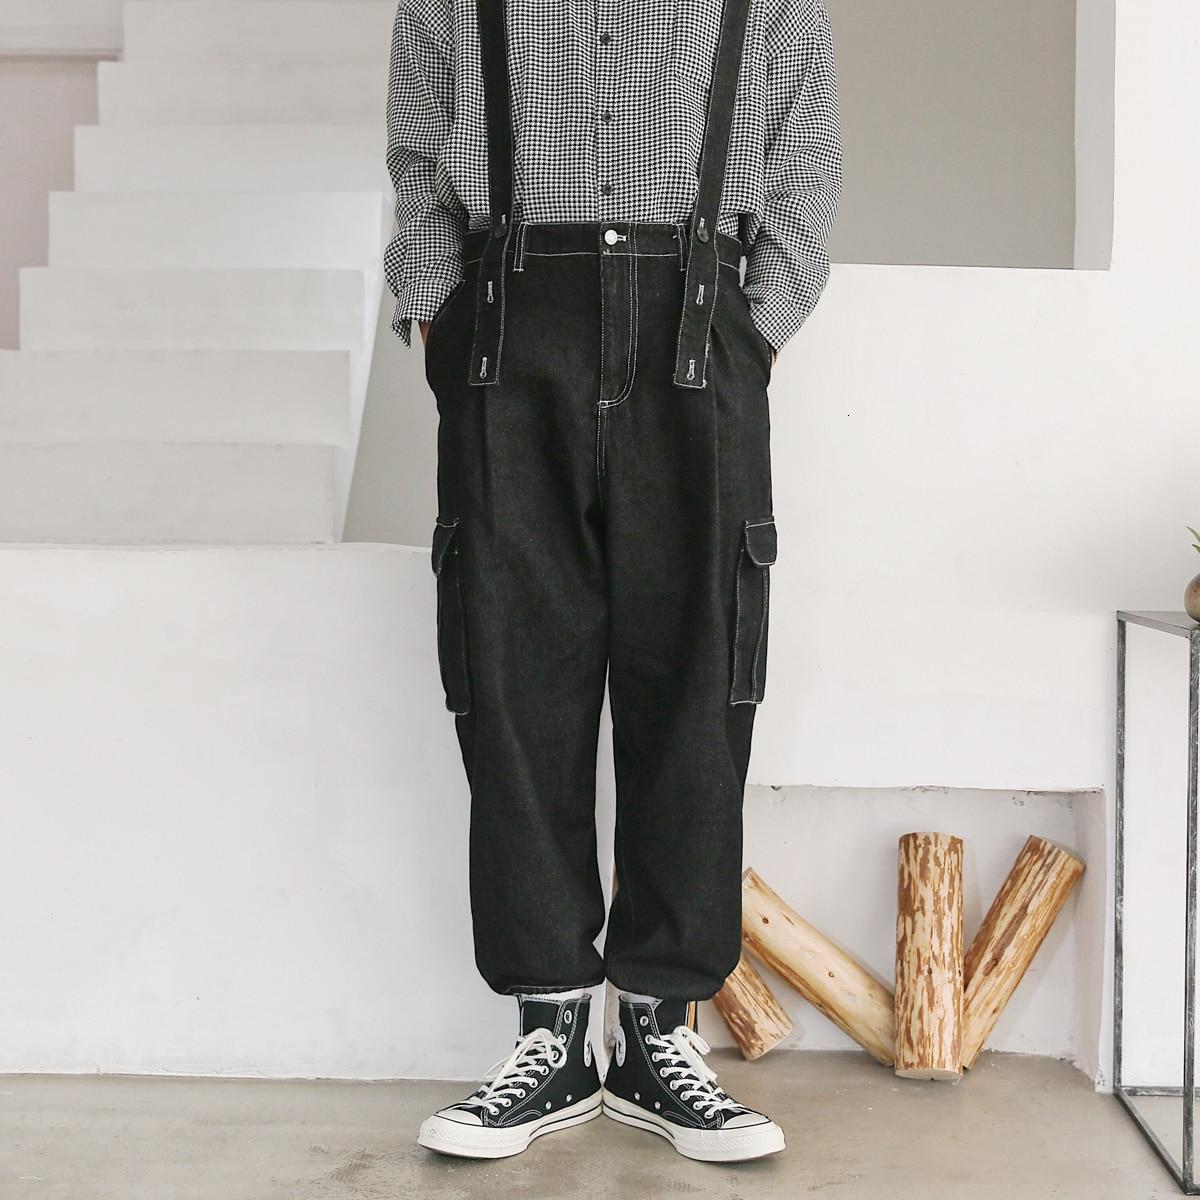 2019 Men's Loose Work Trousers Salopettes Romper Jumpsuit Male Overalls Black/blue Mens Casual Pants Wash Jeans Plus Size M-2XL